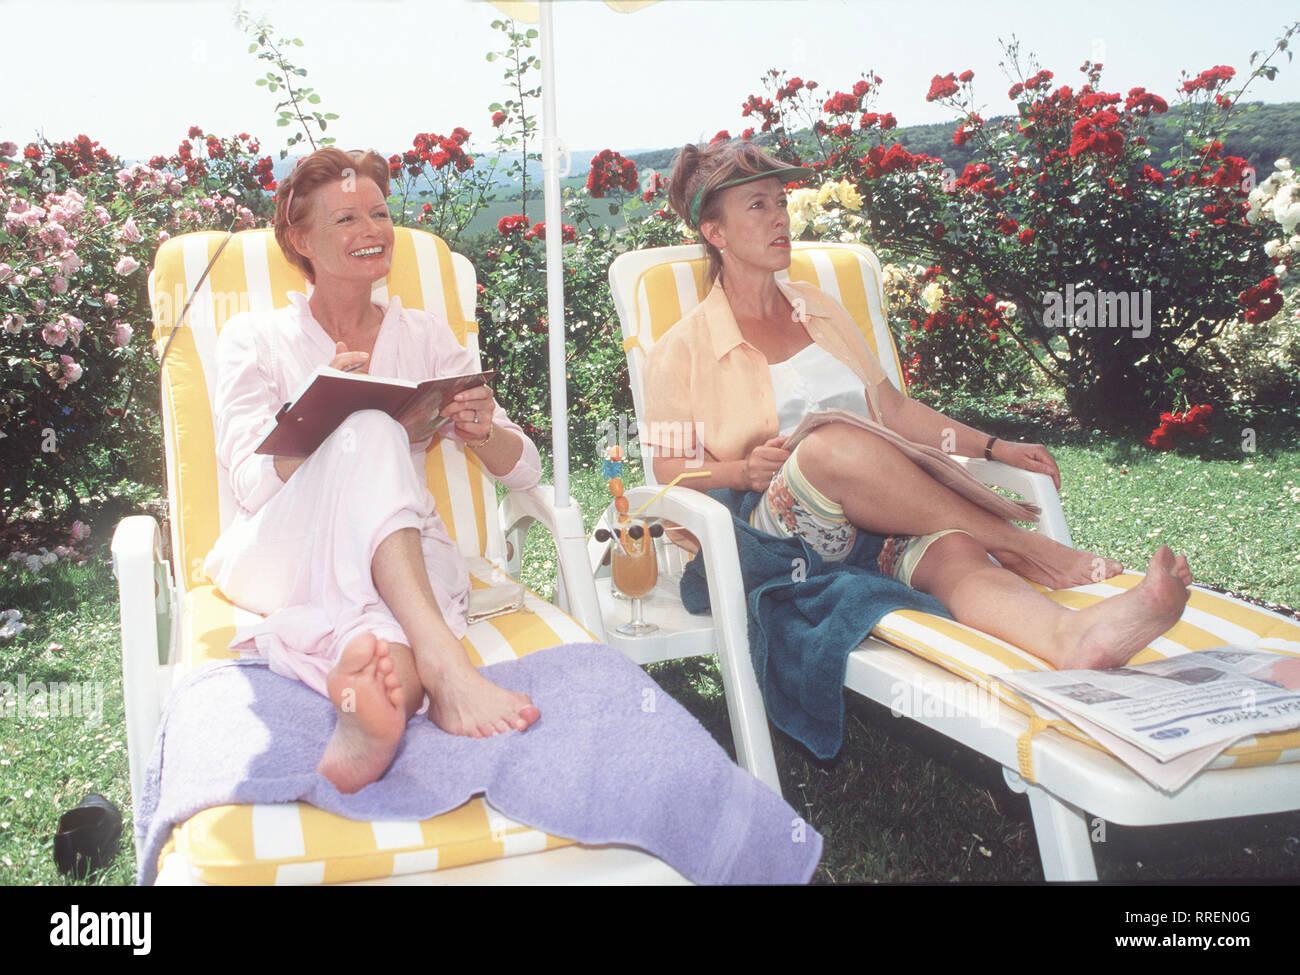 KURKLINIK ROSENAU- Szene mit Frau Merk (GERTIE HONECK) und Frau Krämer (ERIKA STROTZKI) - Die beiden Damen sind wie immer auf Männerschau.  aka. Pilotfilm zur Familien-Serie / Überschrift: KURKLINIK ROSENAU / Deutschland 1995 Stock Photo